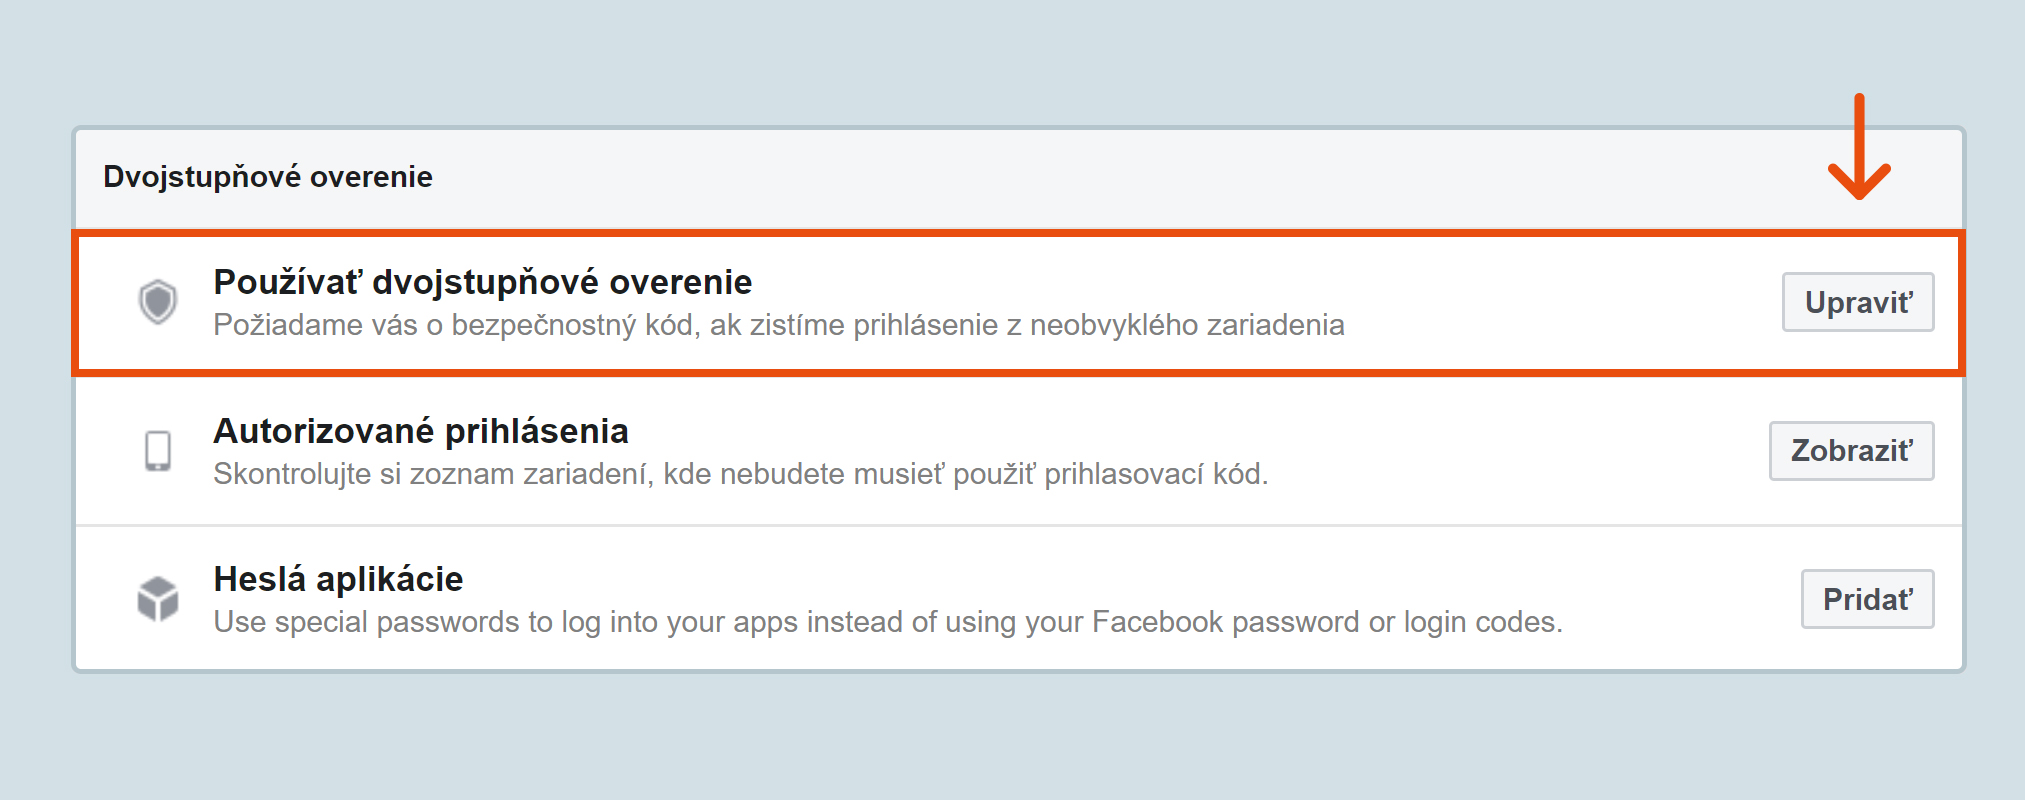 Nastavenie dvojstupňového overenia Facebook